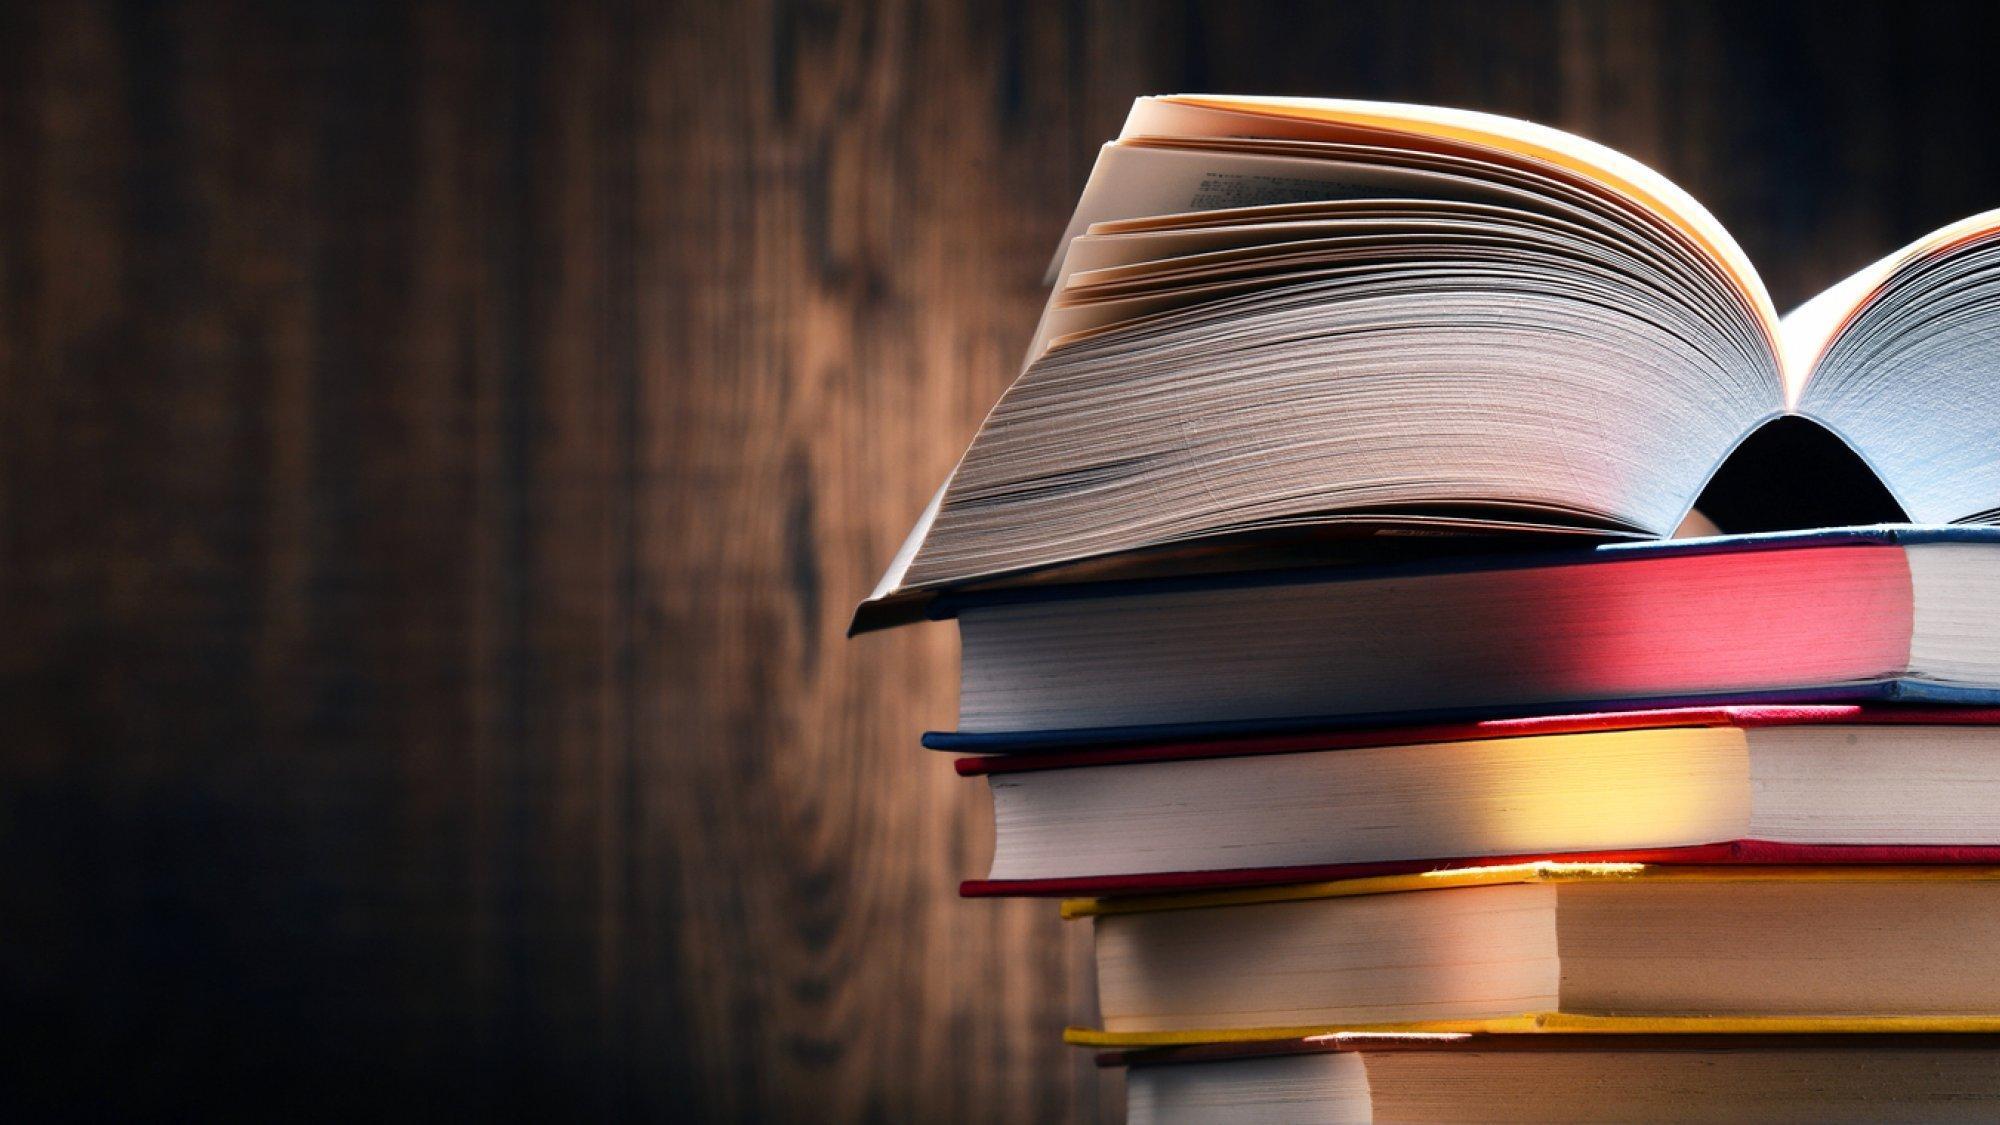 Rechts sind mehrere Bücher gestapelt. Das oberste Buch ist aufgeklappt. Im Hintergrund ist eine dunkle Holzwand zu sehen.